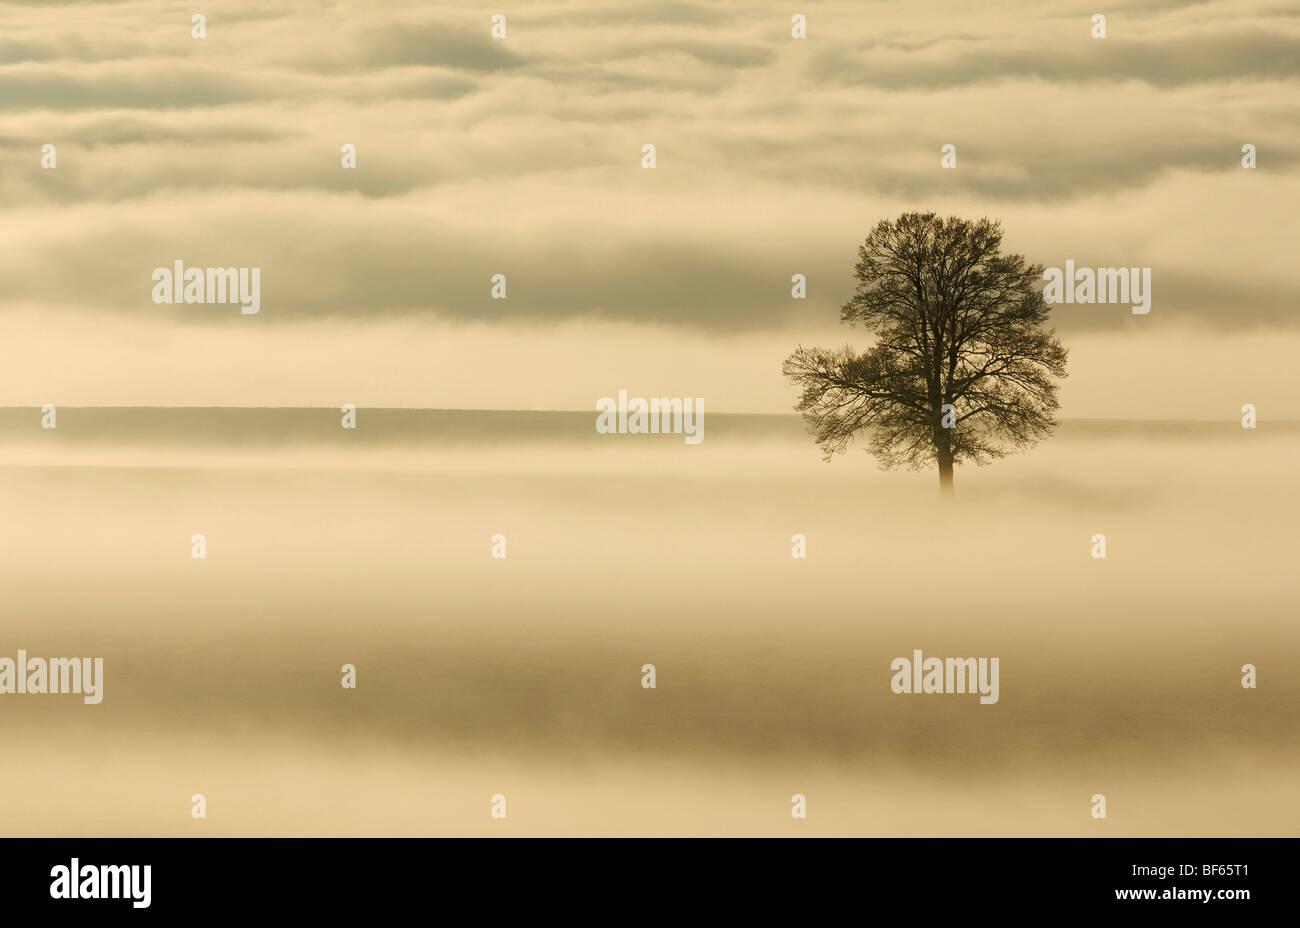 Inglés de roble (Quercus robur) en niebla, Suiza, Europa Imagen De Stock